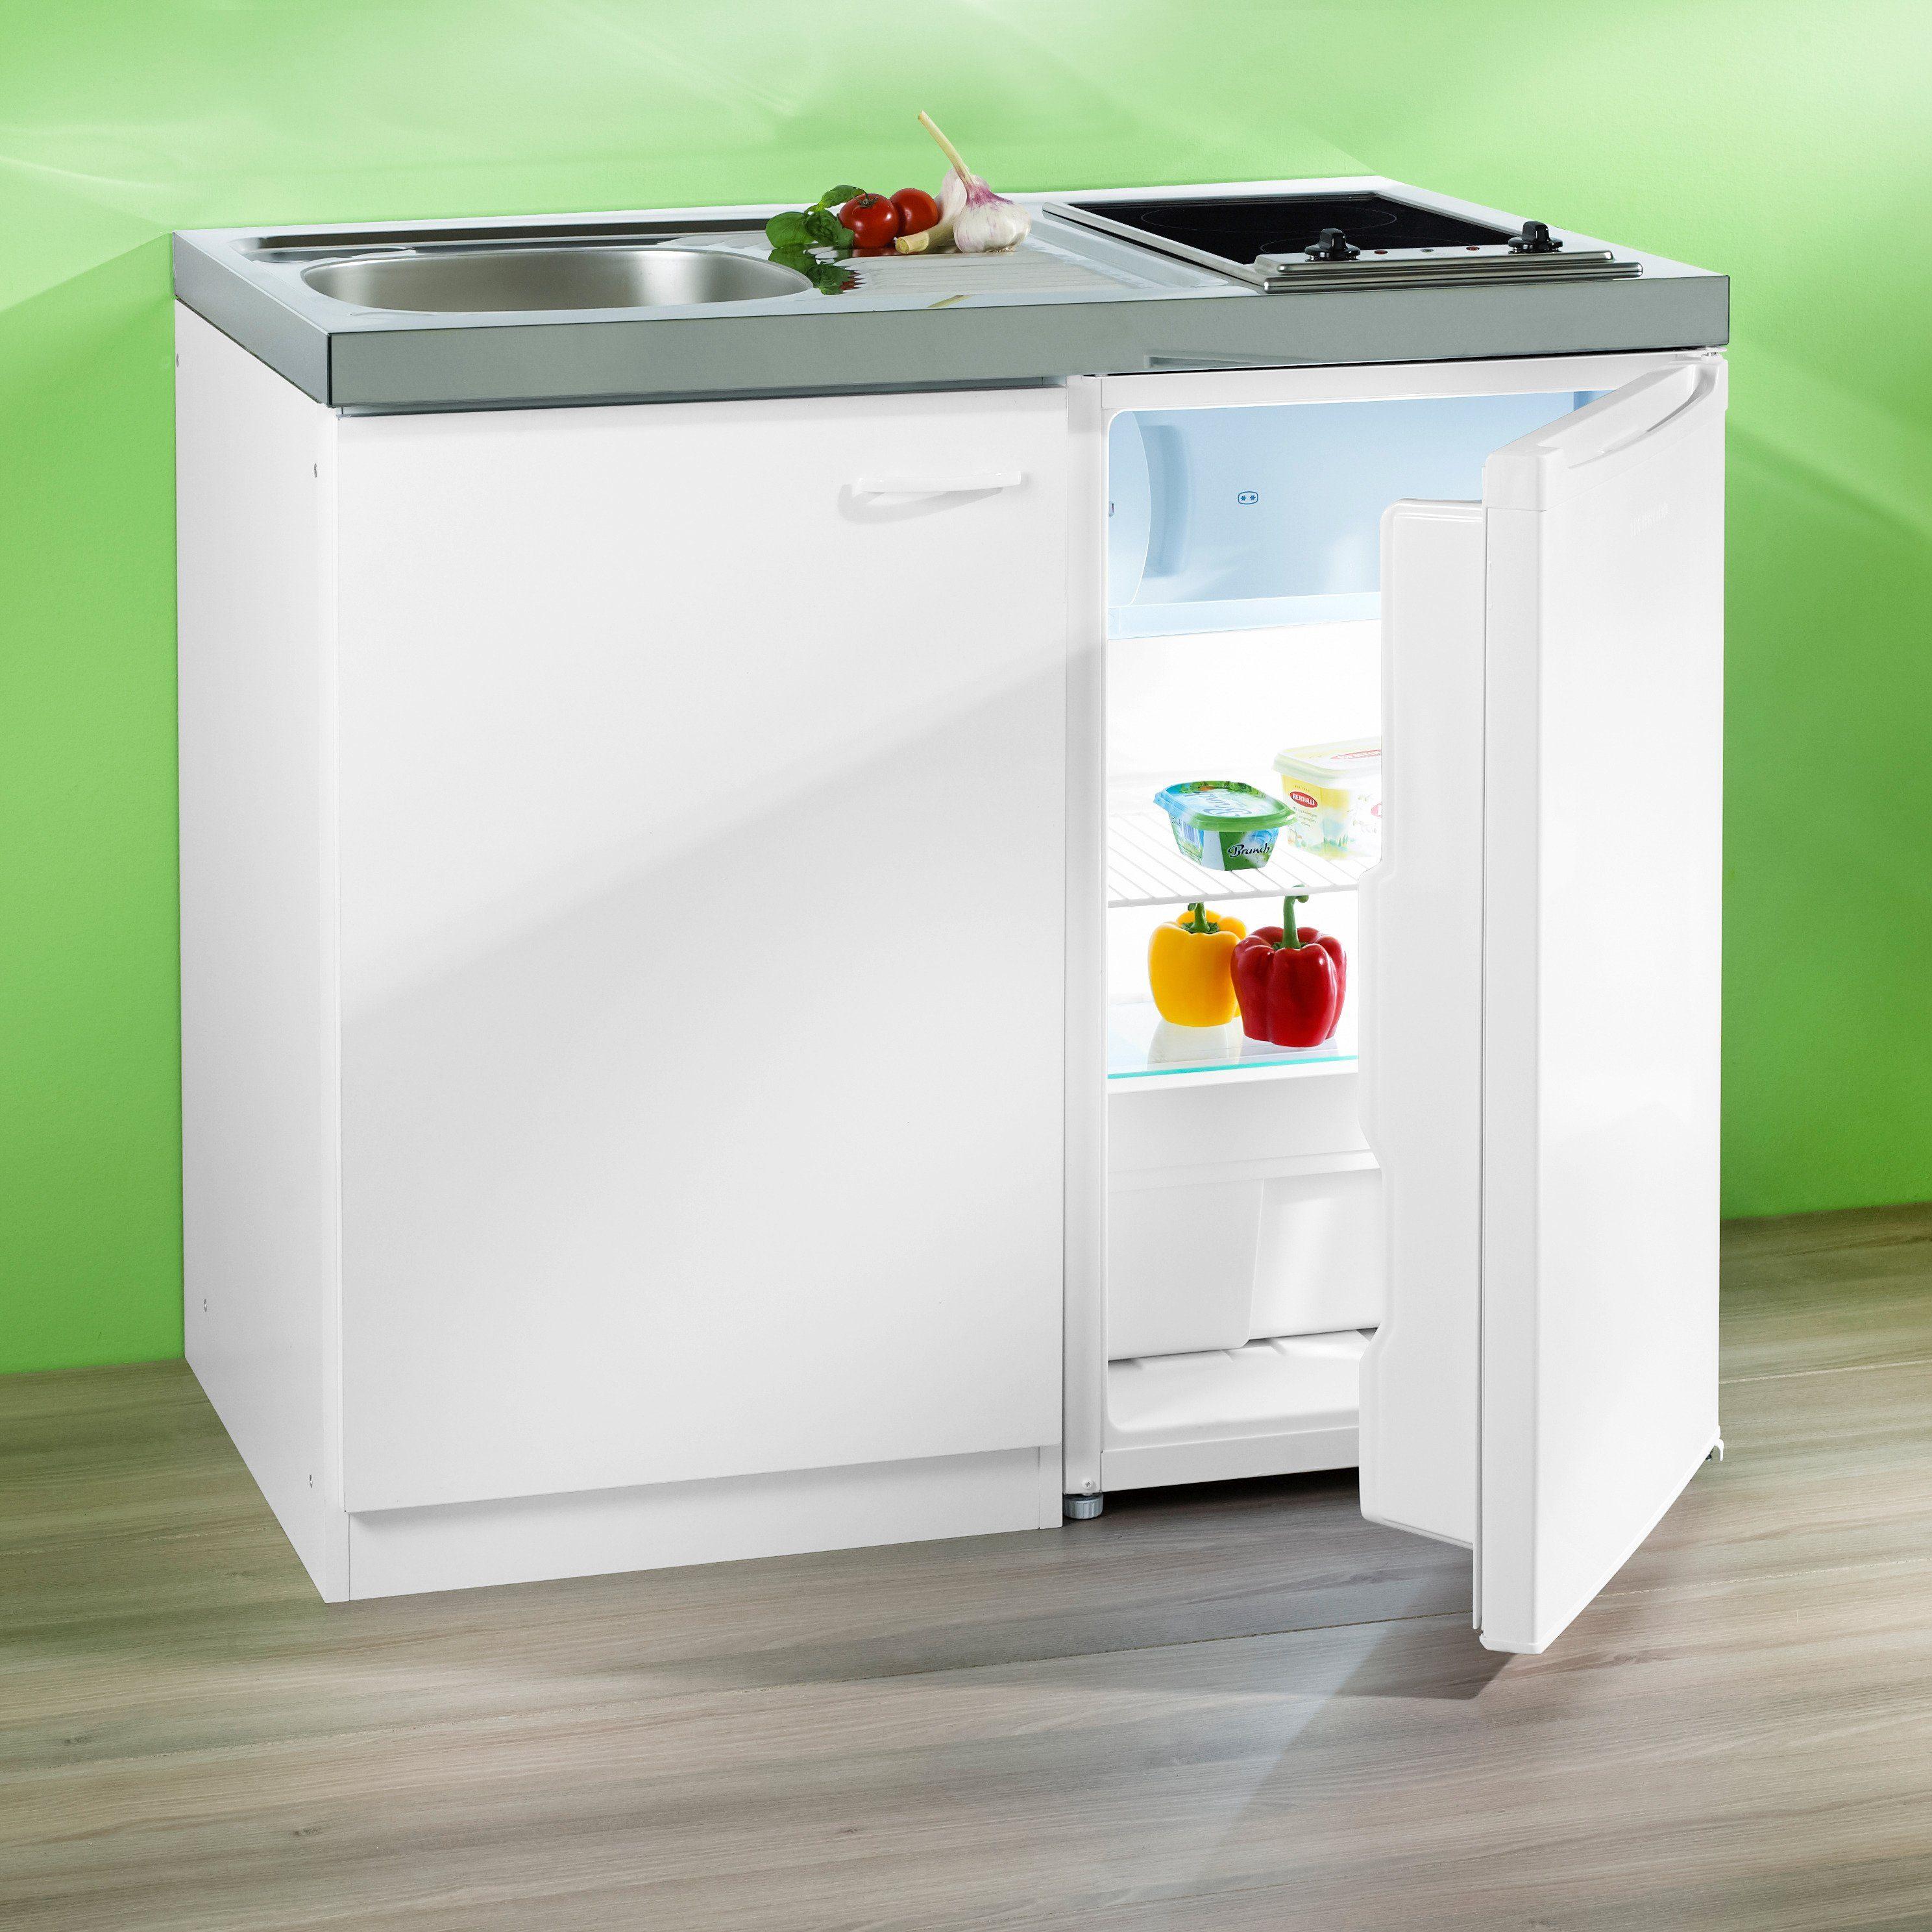 Pantry-Küche, mit Glaskeramik-Kochfeld und Kühlschrank